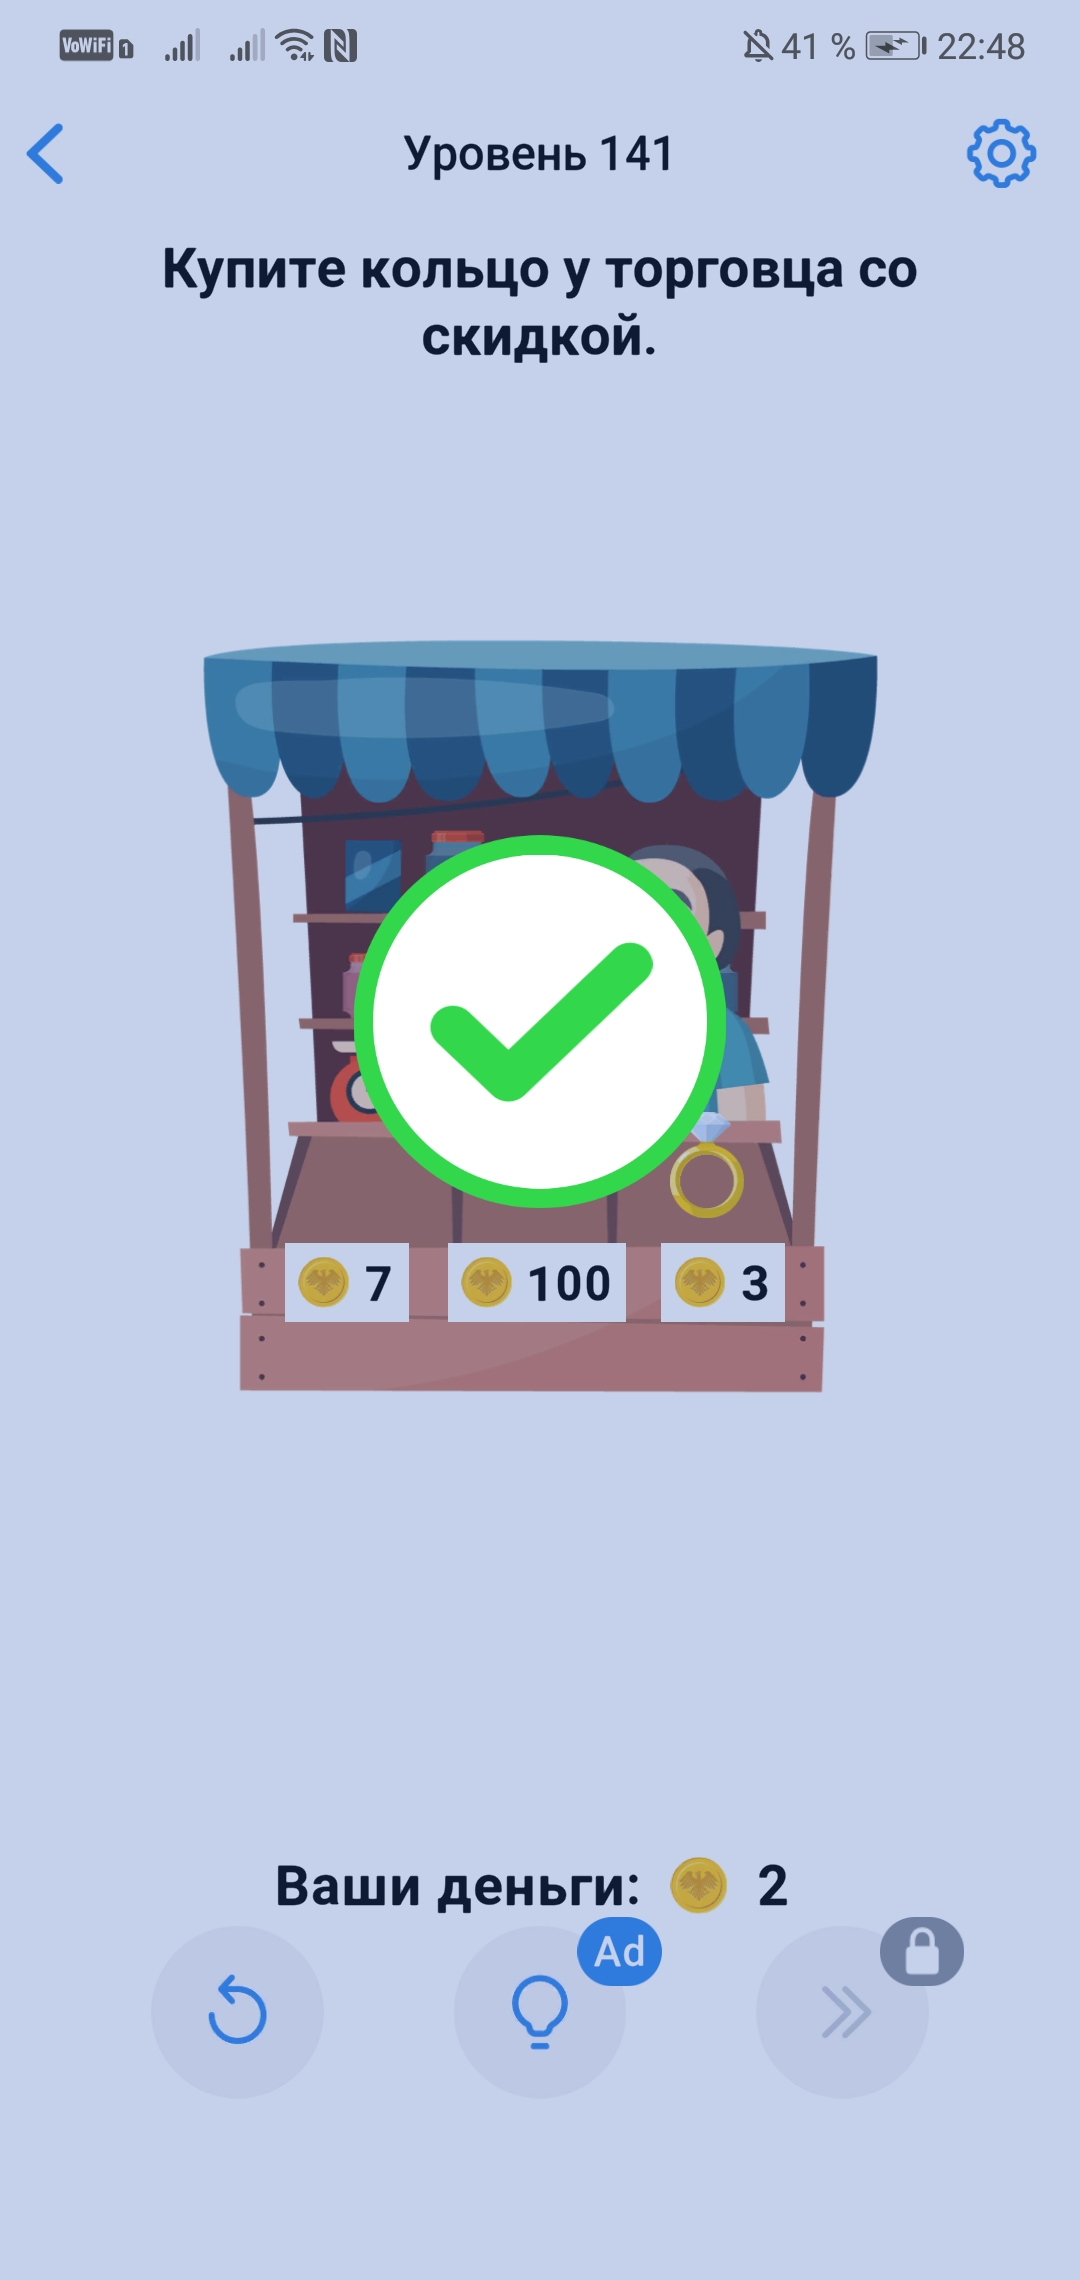 Easy Game - 141 уровень - Купите кольцо у торговца со скидкой.